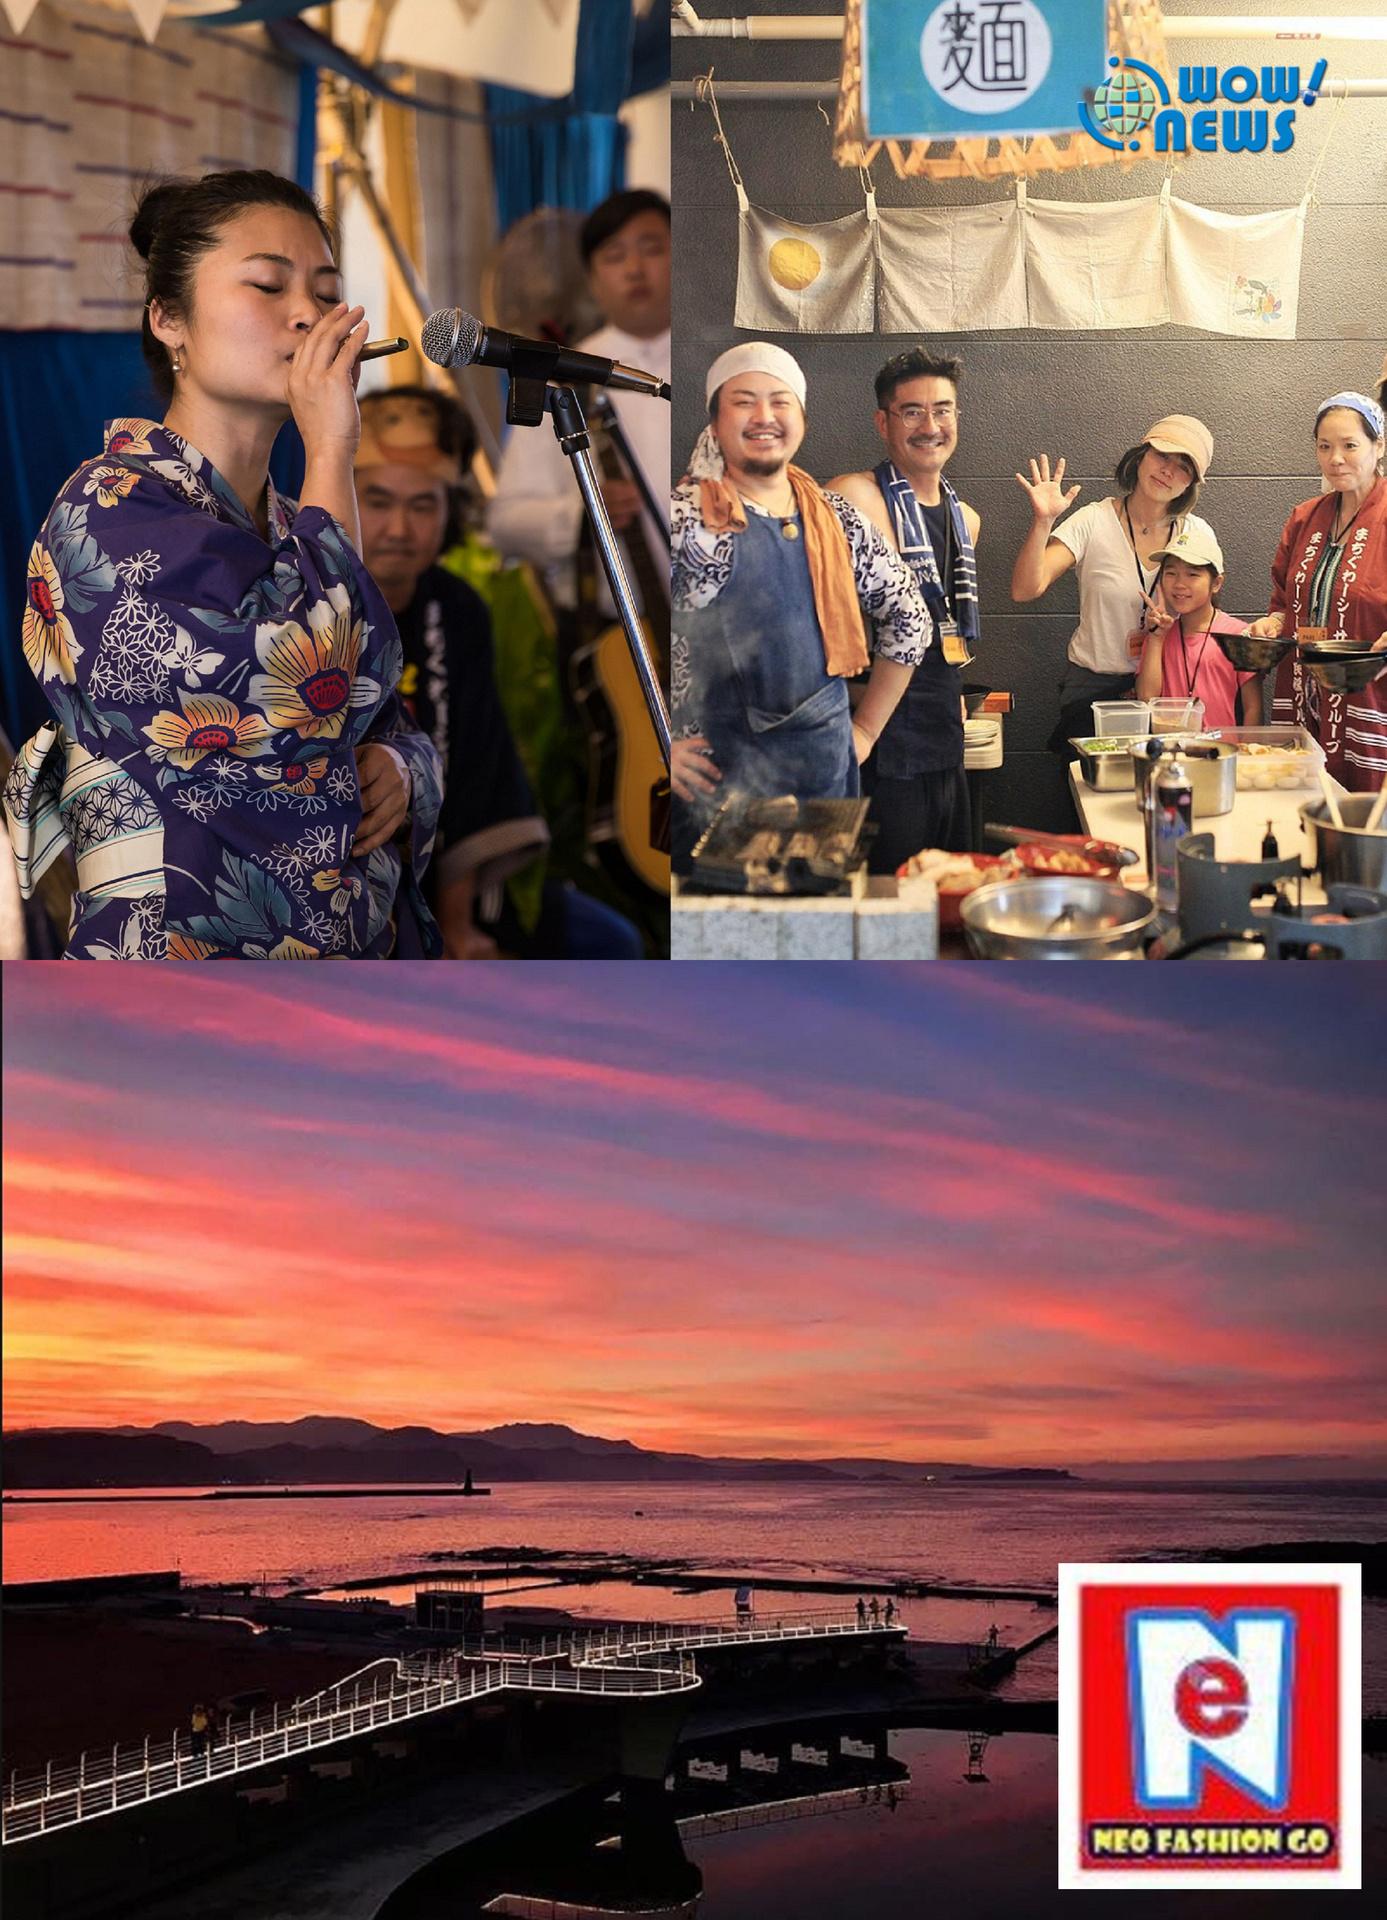 和平島公園2019「Hi!沖繩」島嶼生活節 享受海風包圍音樂、文創與美食 清爽一